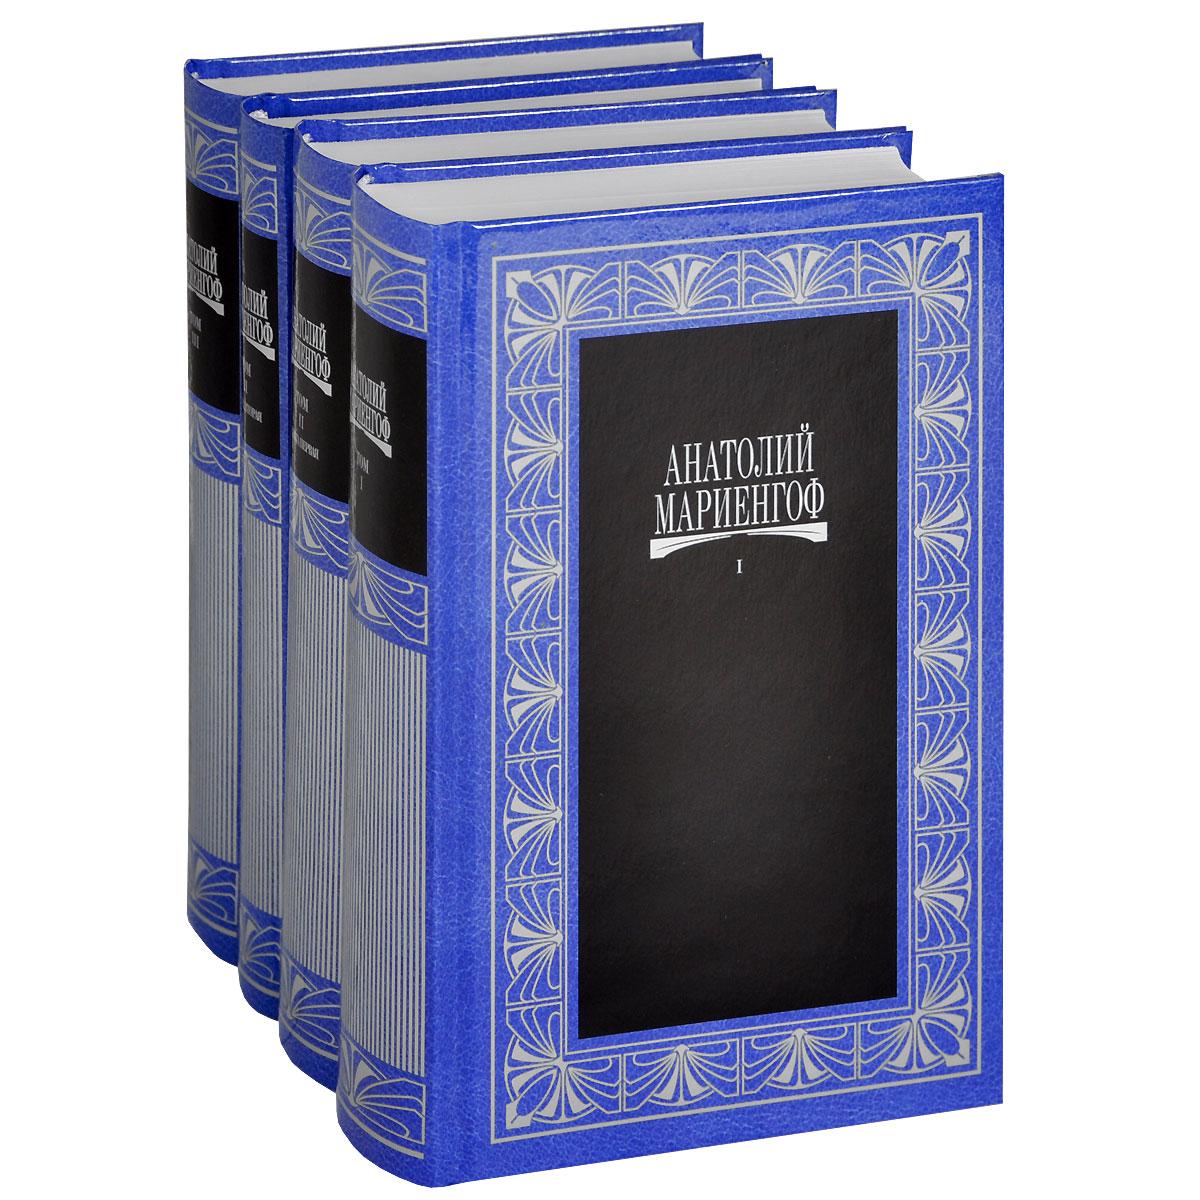 Анатолий Мариенгоф. Собрание сочинений в 3 томах (комплект из 4 книг)